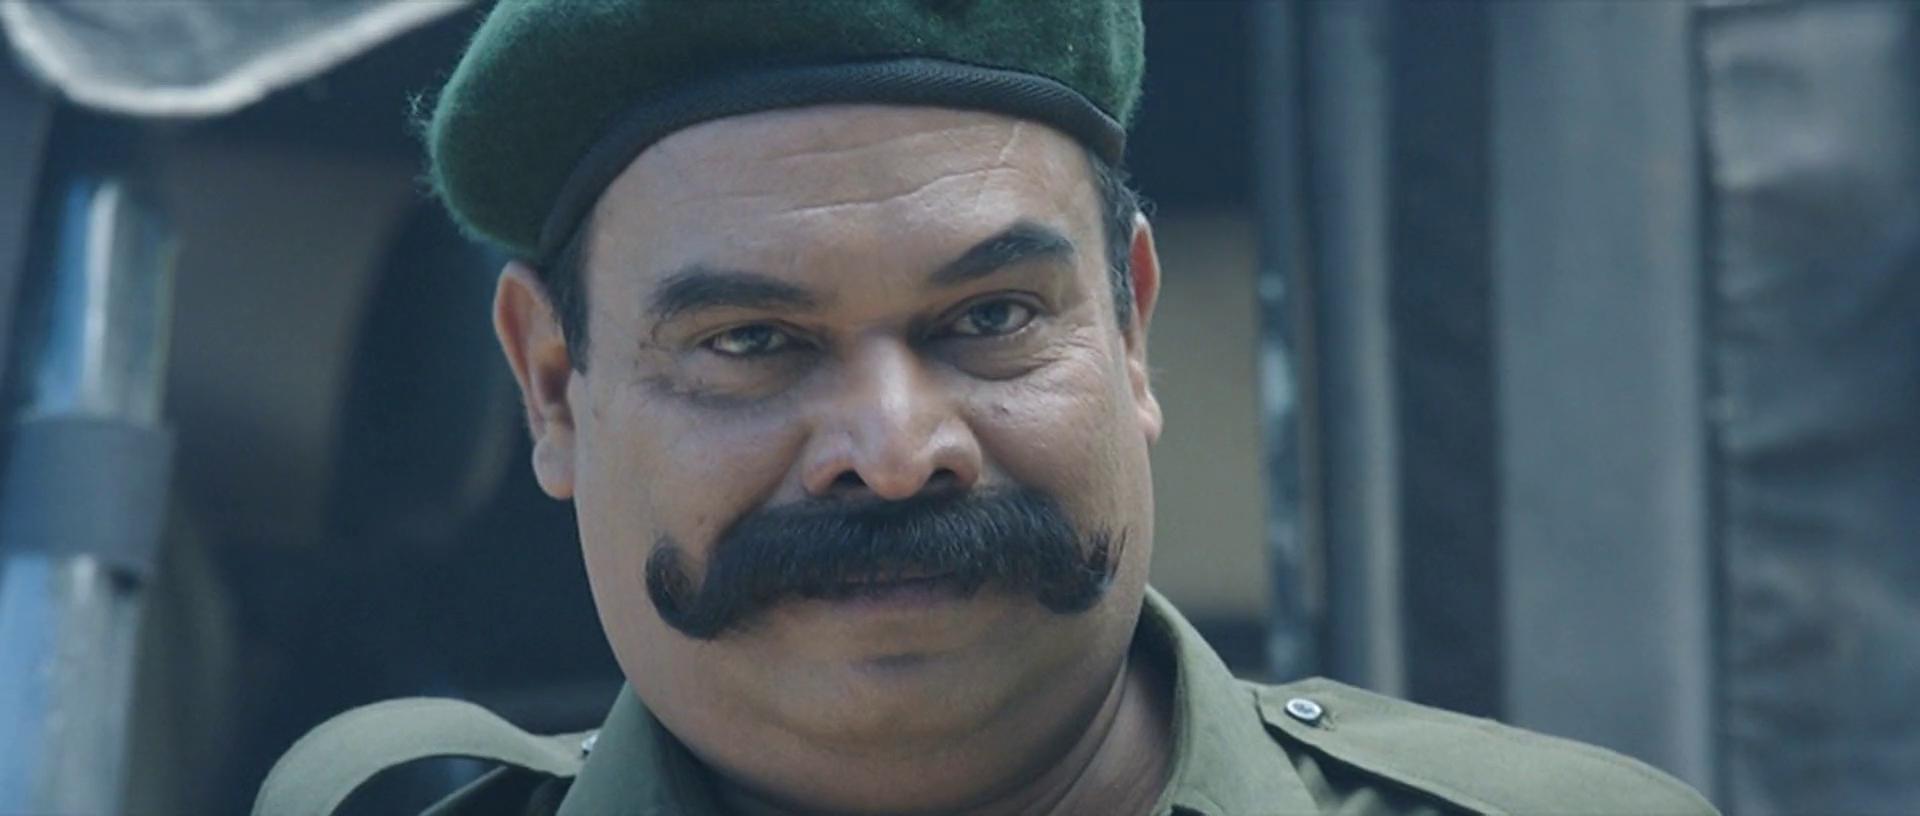 Pullikkaran Staraa (2017) Malayalam - 1080p - DVDRip - x264 - DTS - Esub - Chaps-DrC